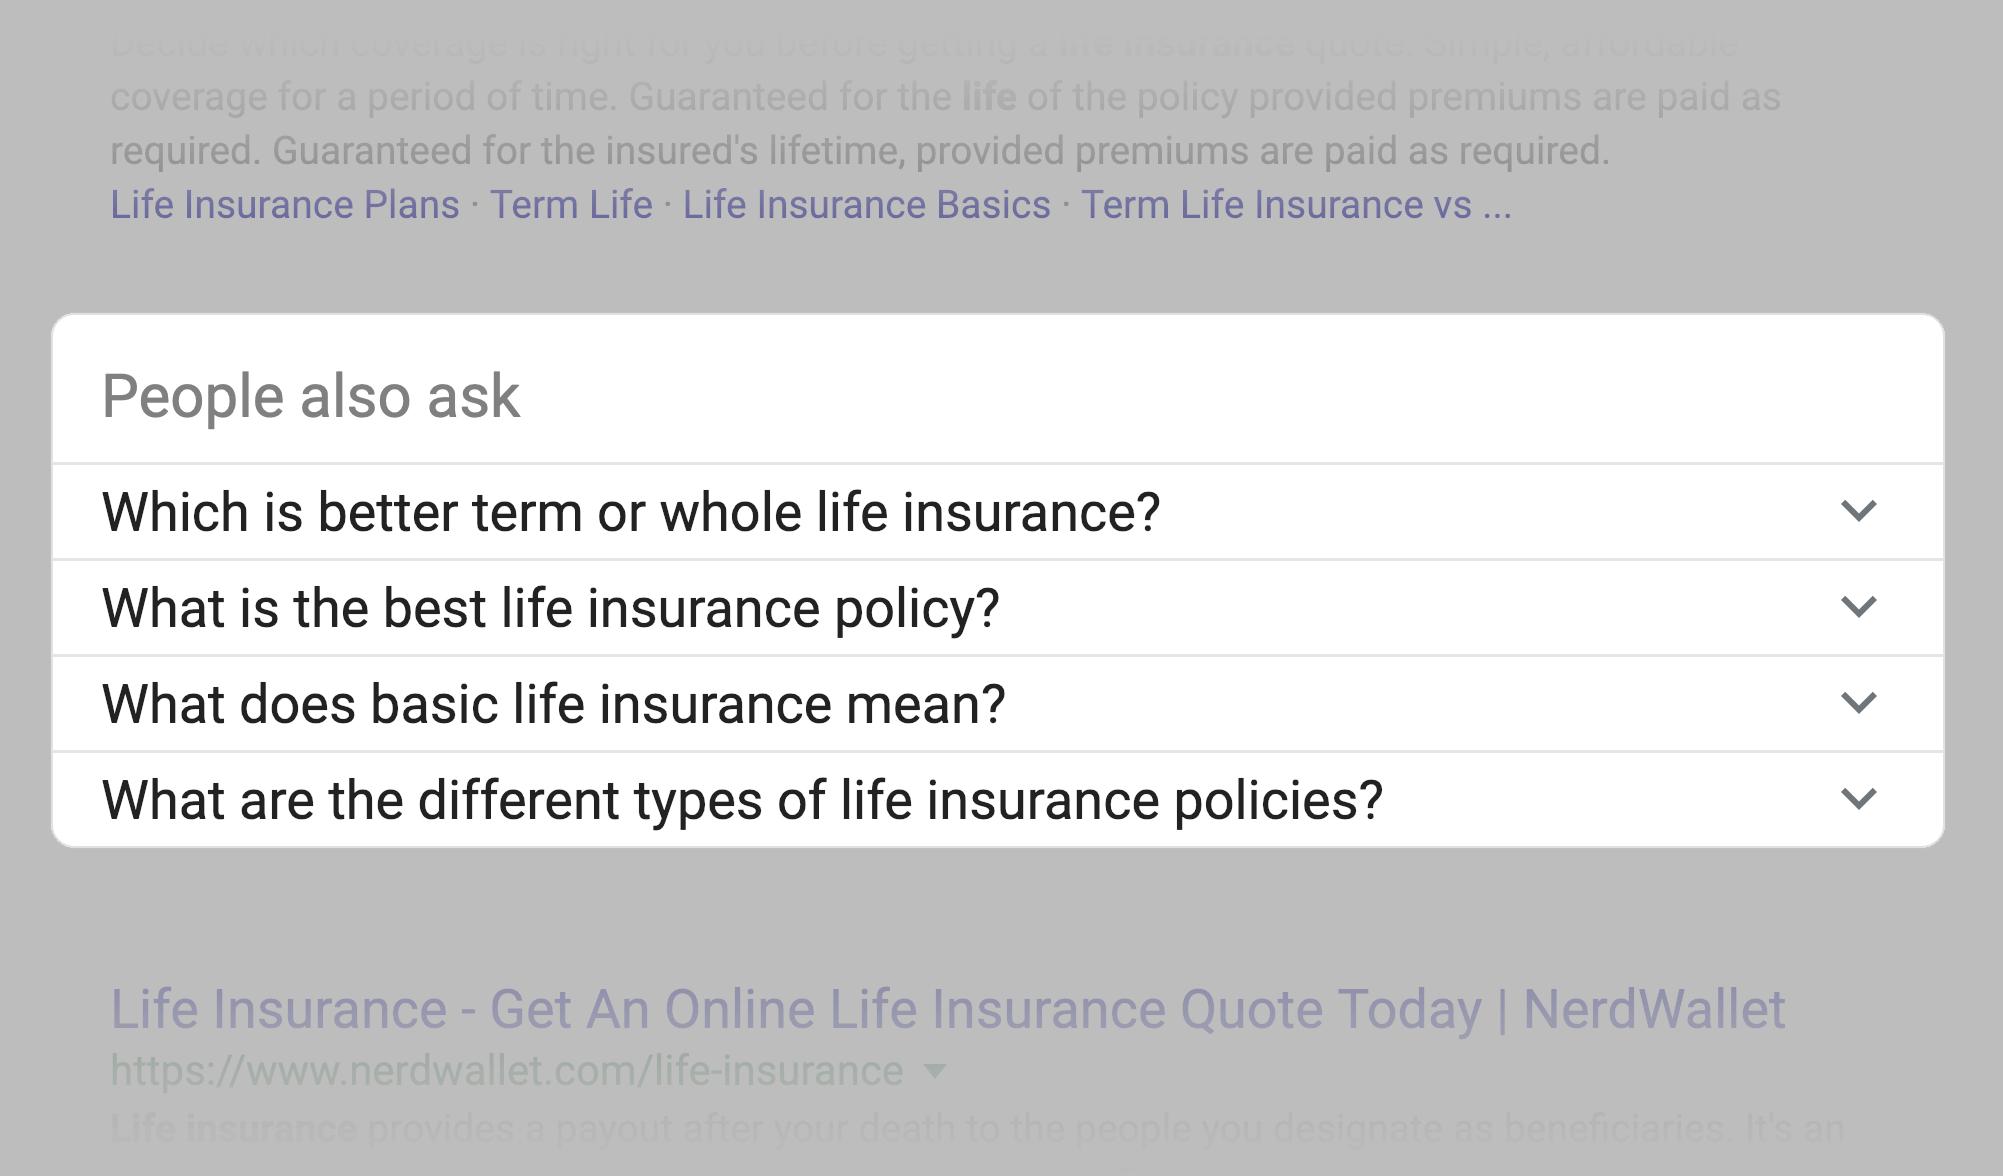 جعبه مردم میپرسند در نتایج گوگل